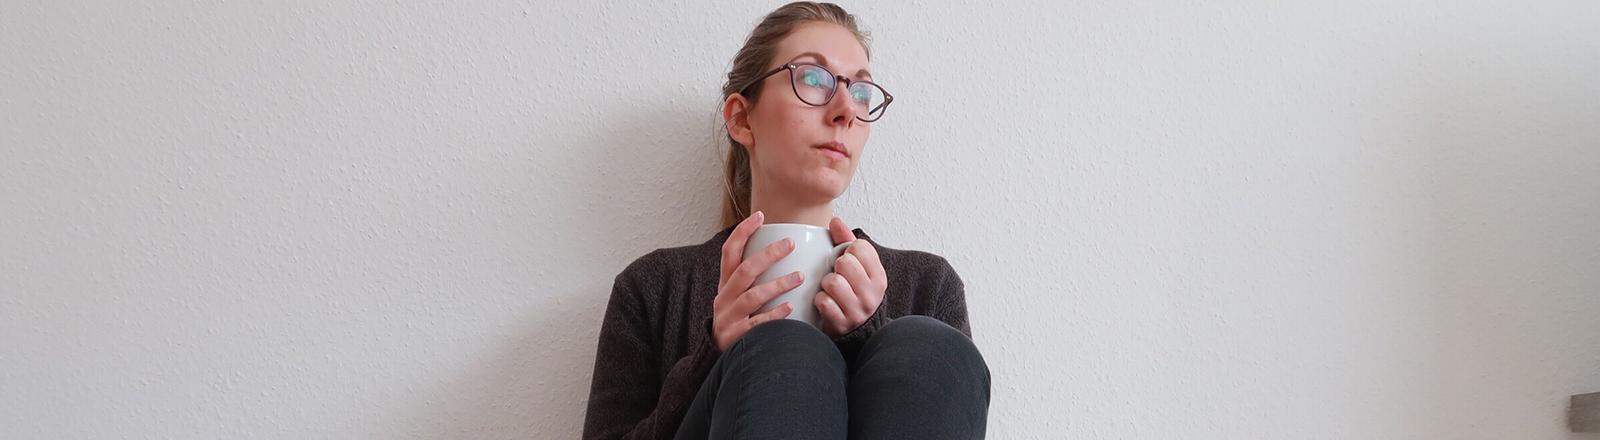 Eine Frau sitzt auf dem Fußboden und hält eine Tasse in der Hand